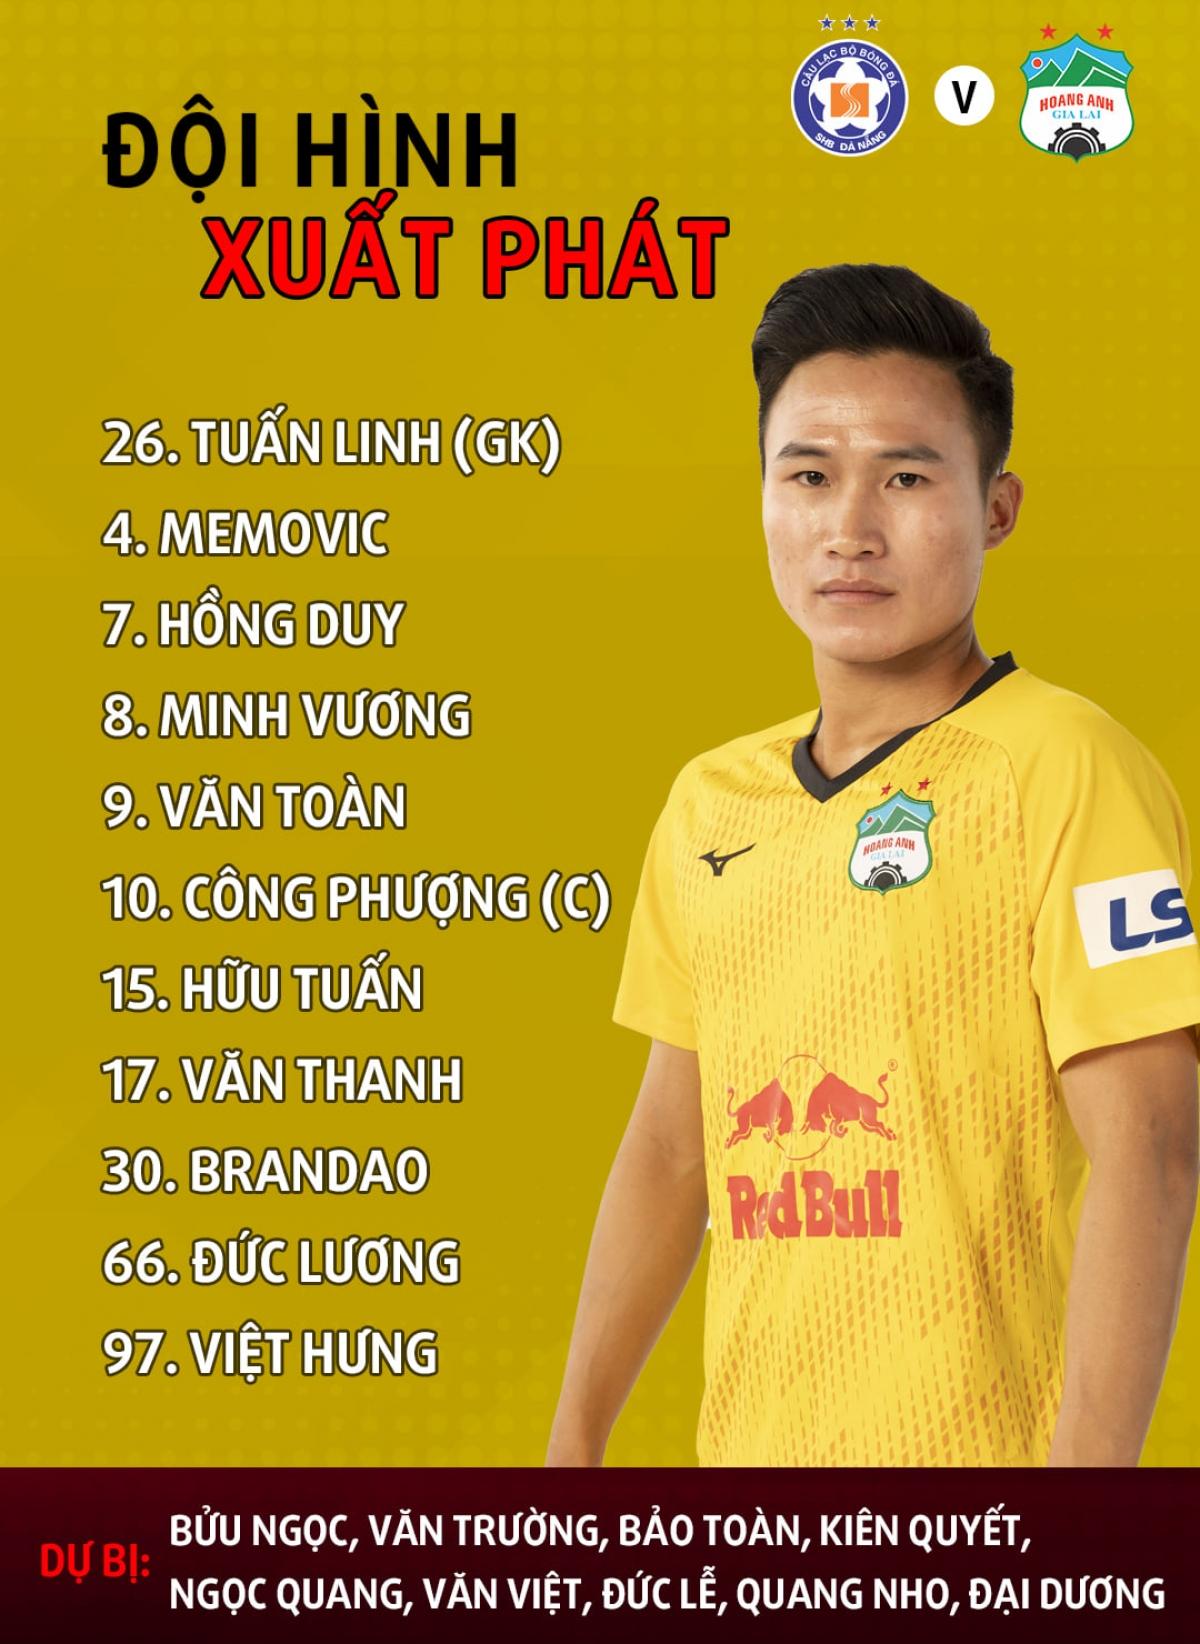 Đội hình xuất phát của HAGL. Việt Hưng thay vị trí của Xuân Trường. (Ảnh: HAGL).